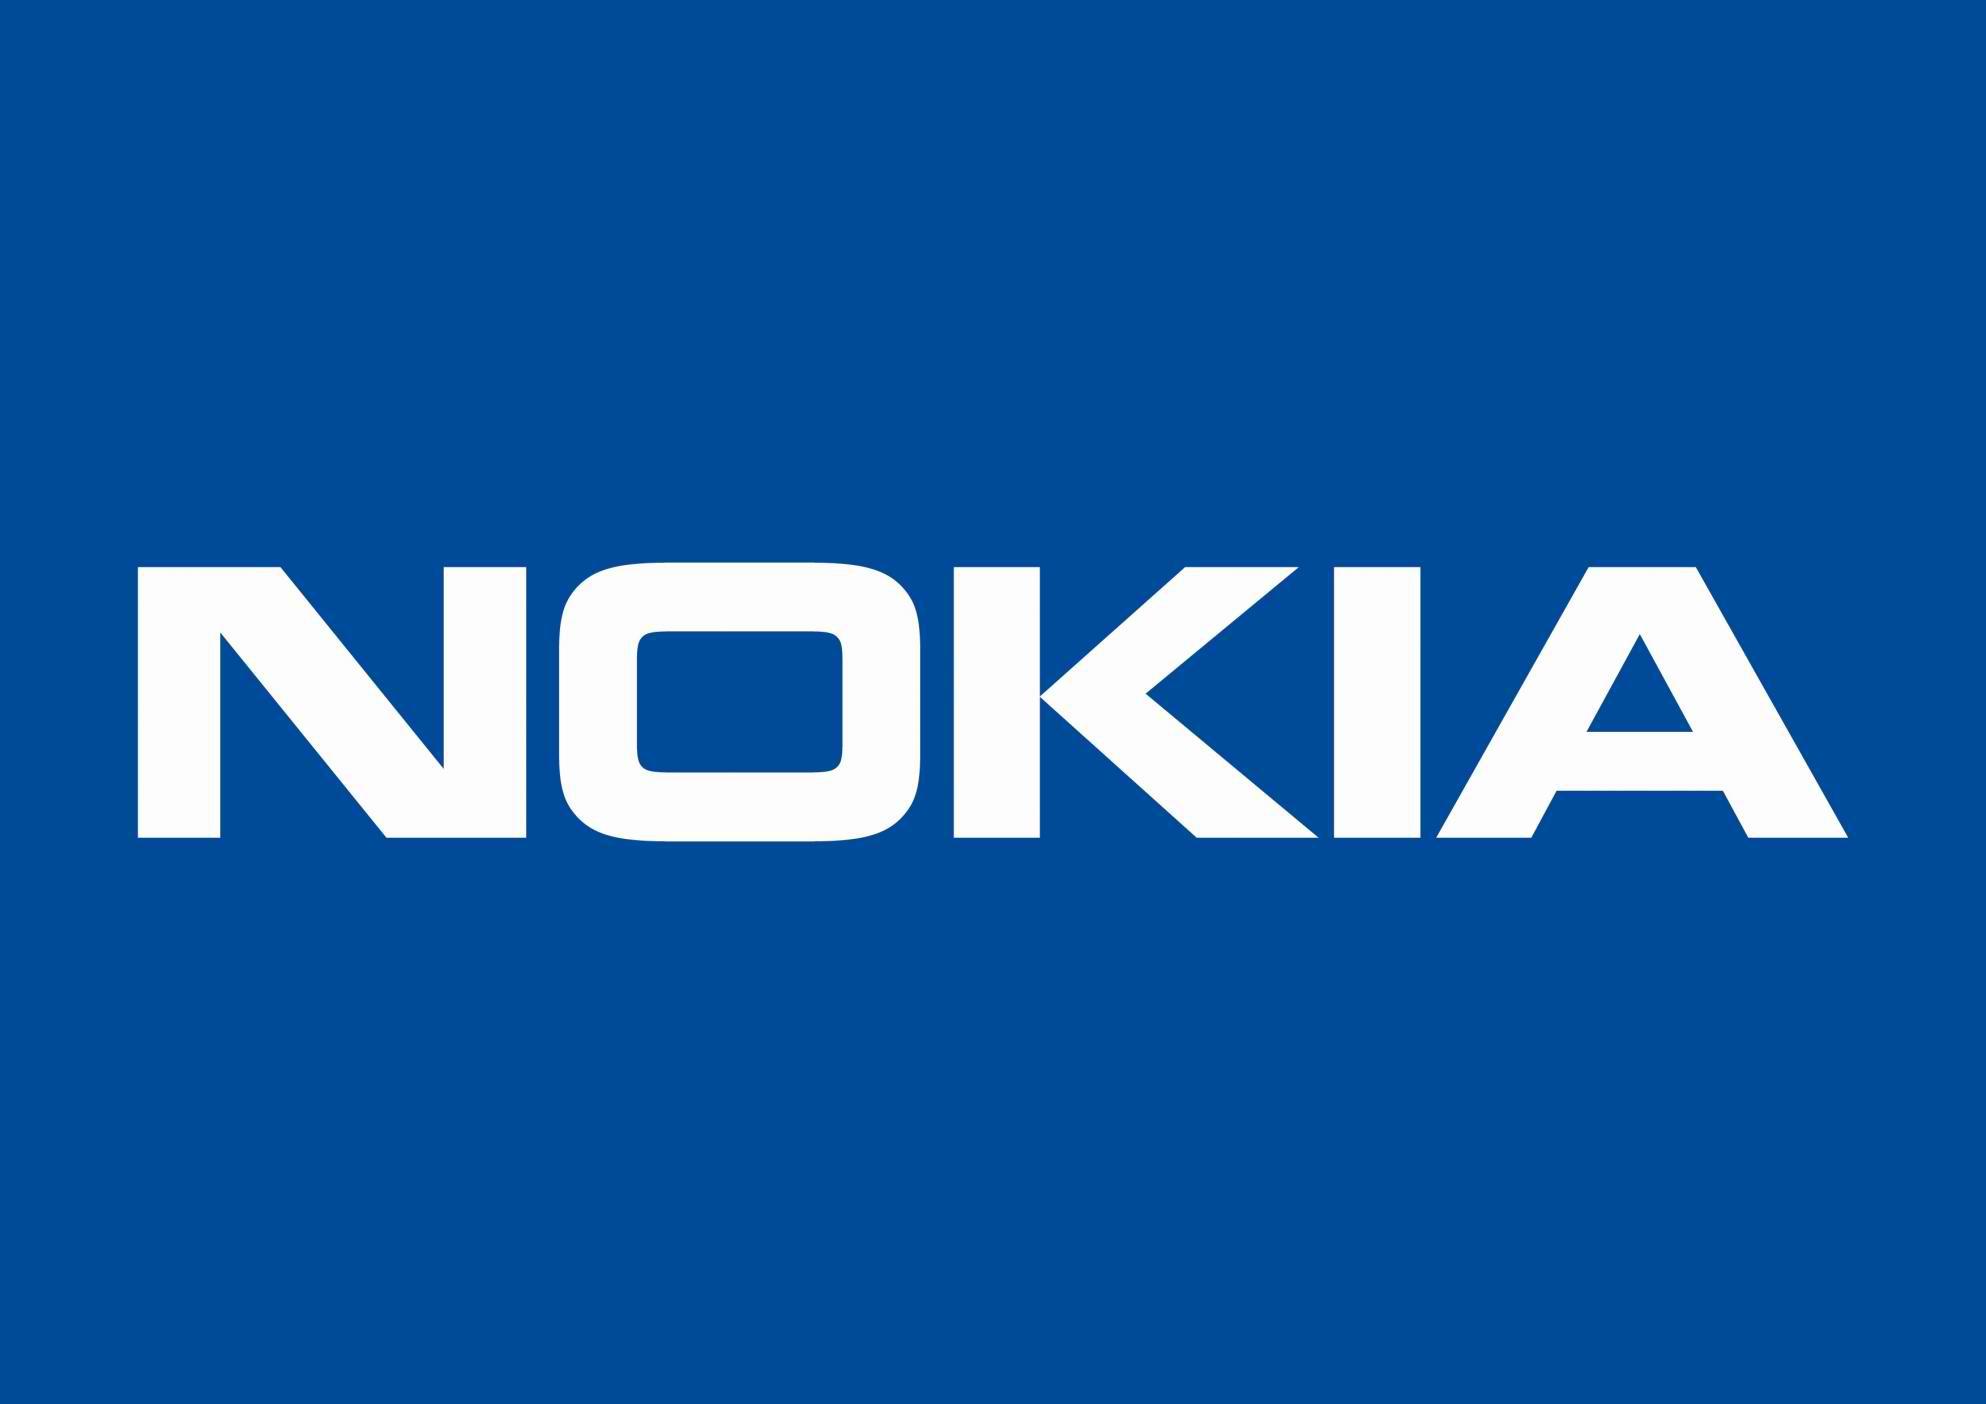 Smartphone-urile Nokia ar putea aparea la sfarsitul anului 2016